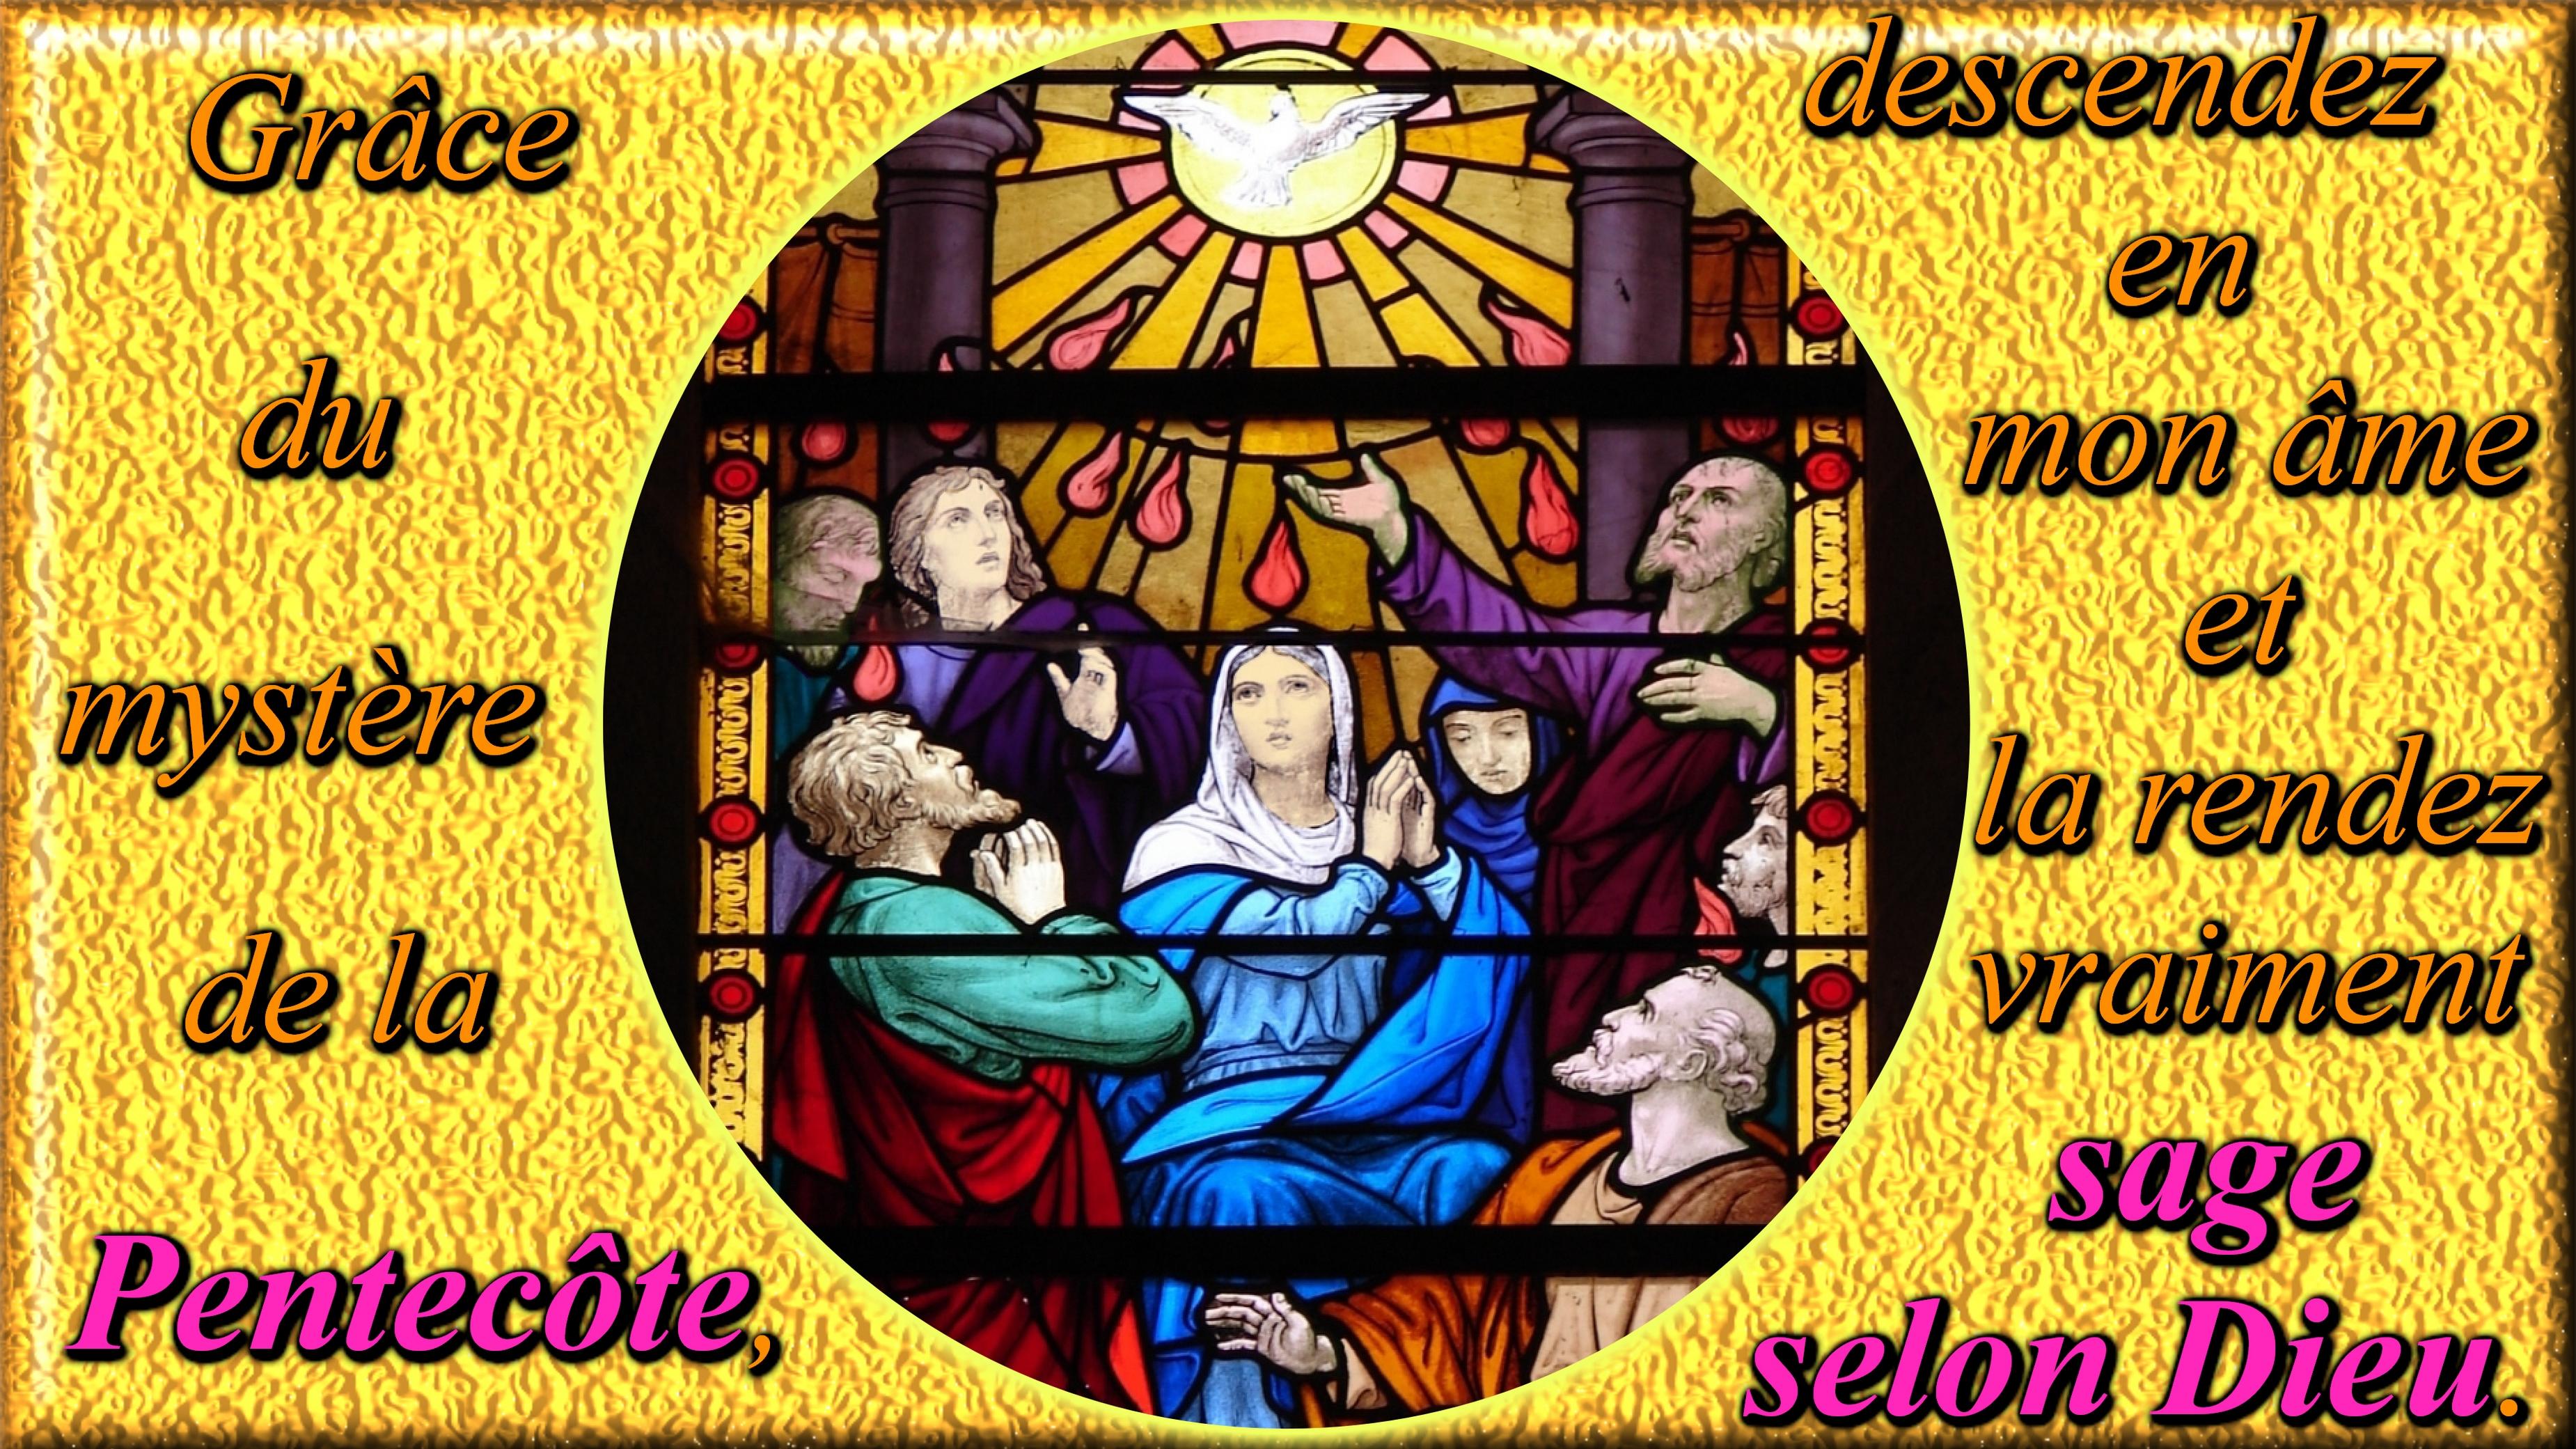 CALENDRIER CATHOLIQUE 2020 (Cantiques, Prières & Images) - Page 16 Les-15-myst-res-d...entec-te-555db63